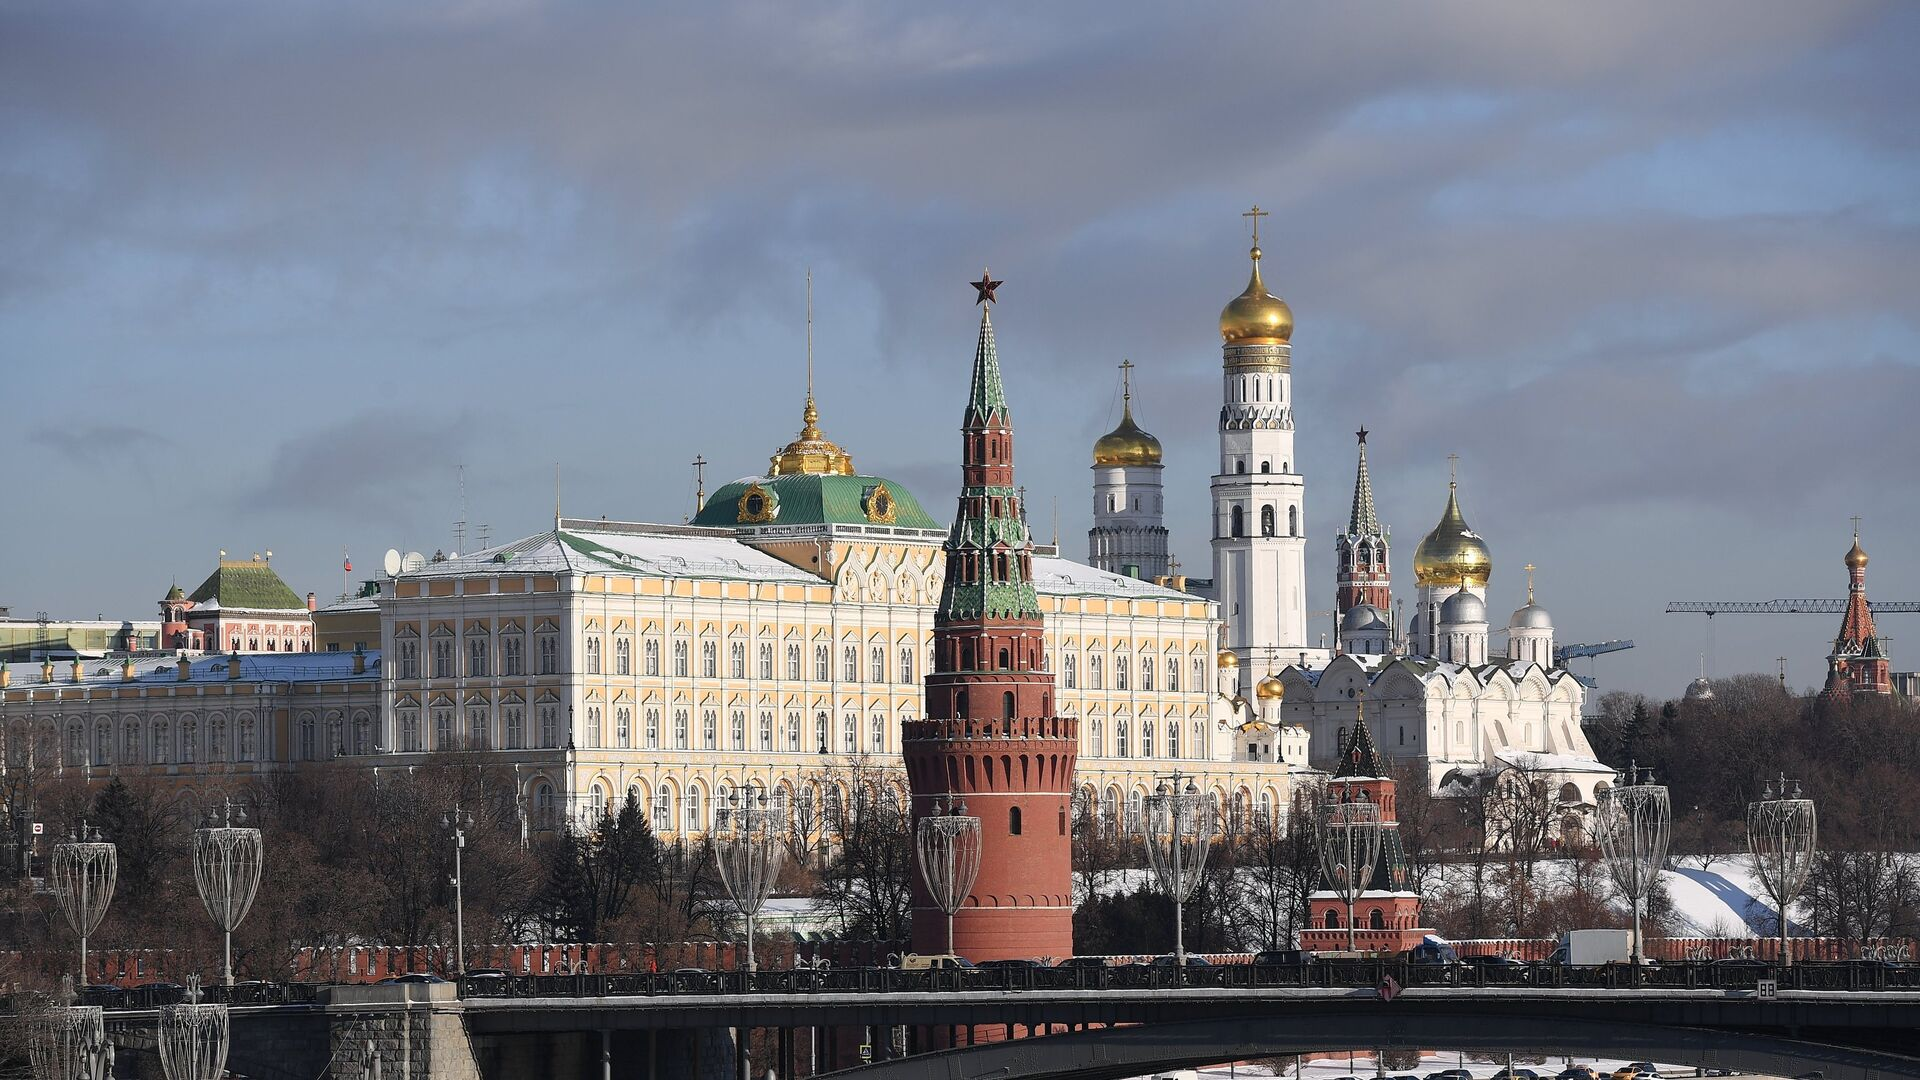 Το Κρεμλίνο στη Μόσχα - Sputnik Ελλάδα, 1920, 01.10.2021